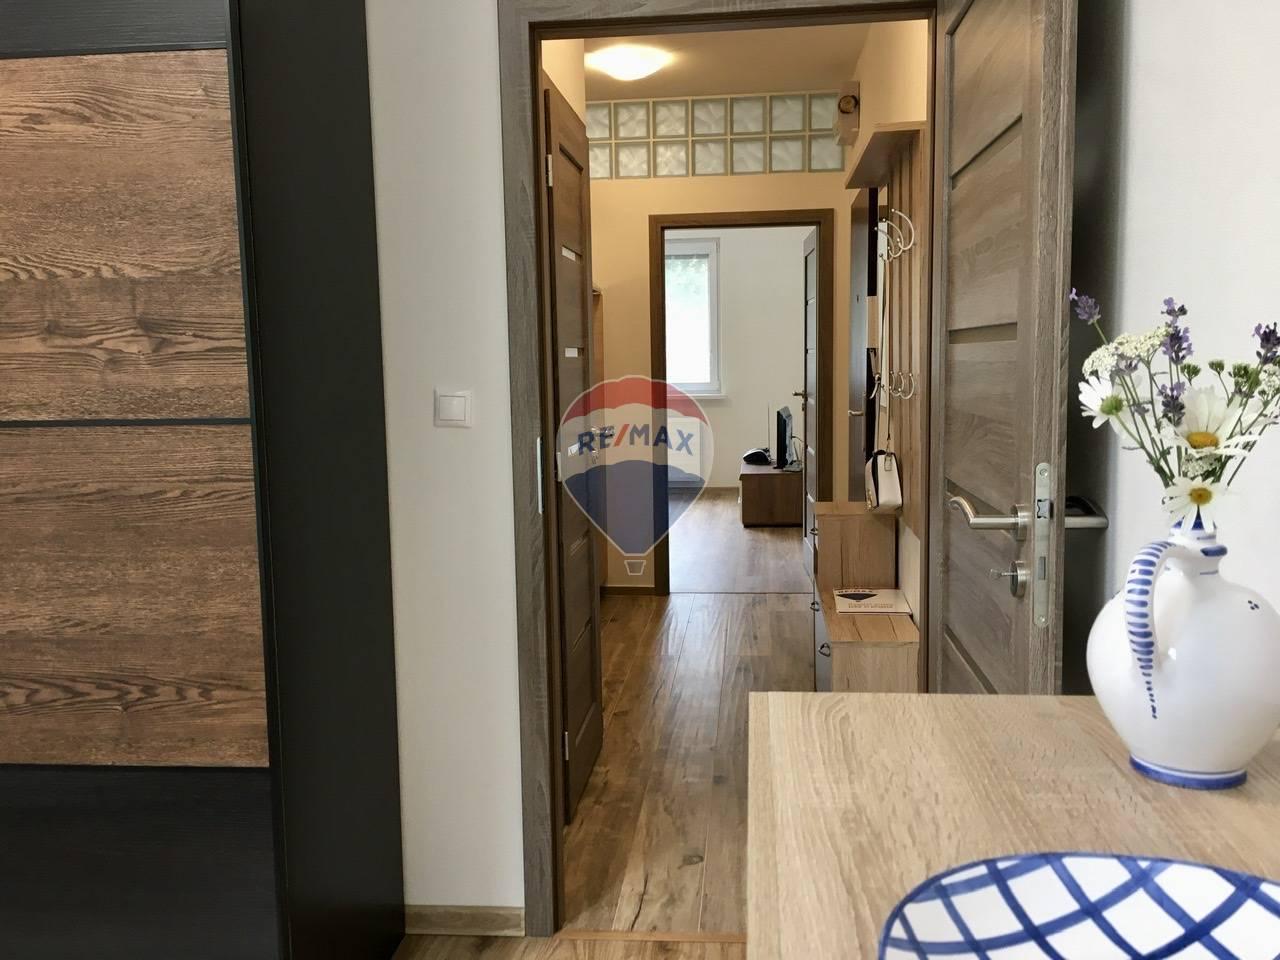 Úplne novučký 2-izbový zariadený byt na Studenohorskej NA PRENÁJOM